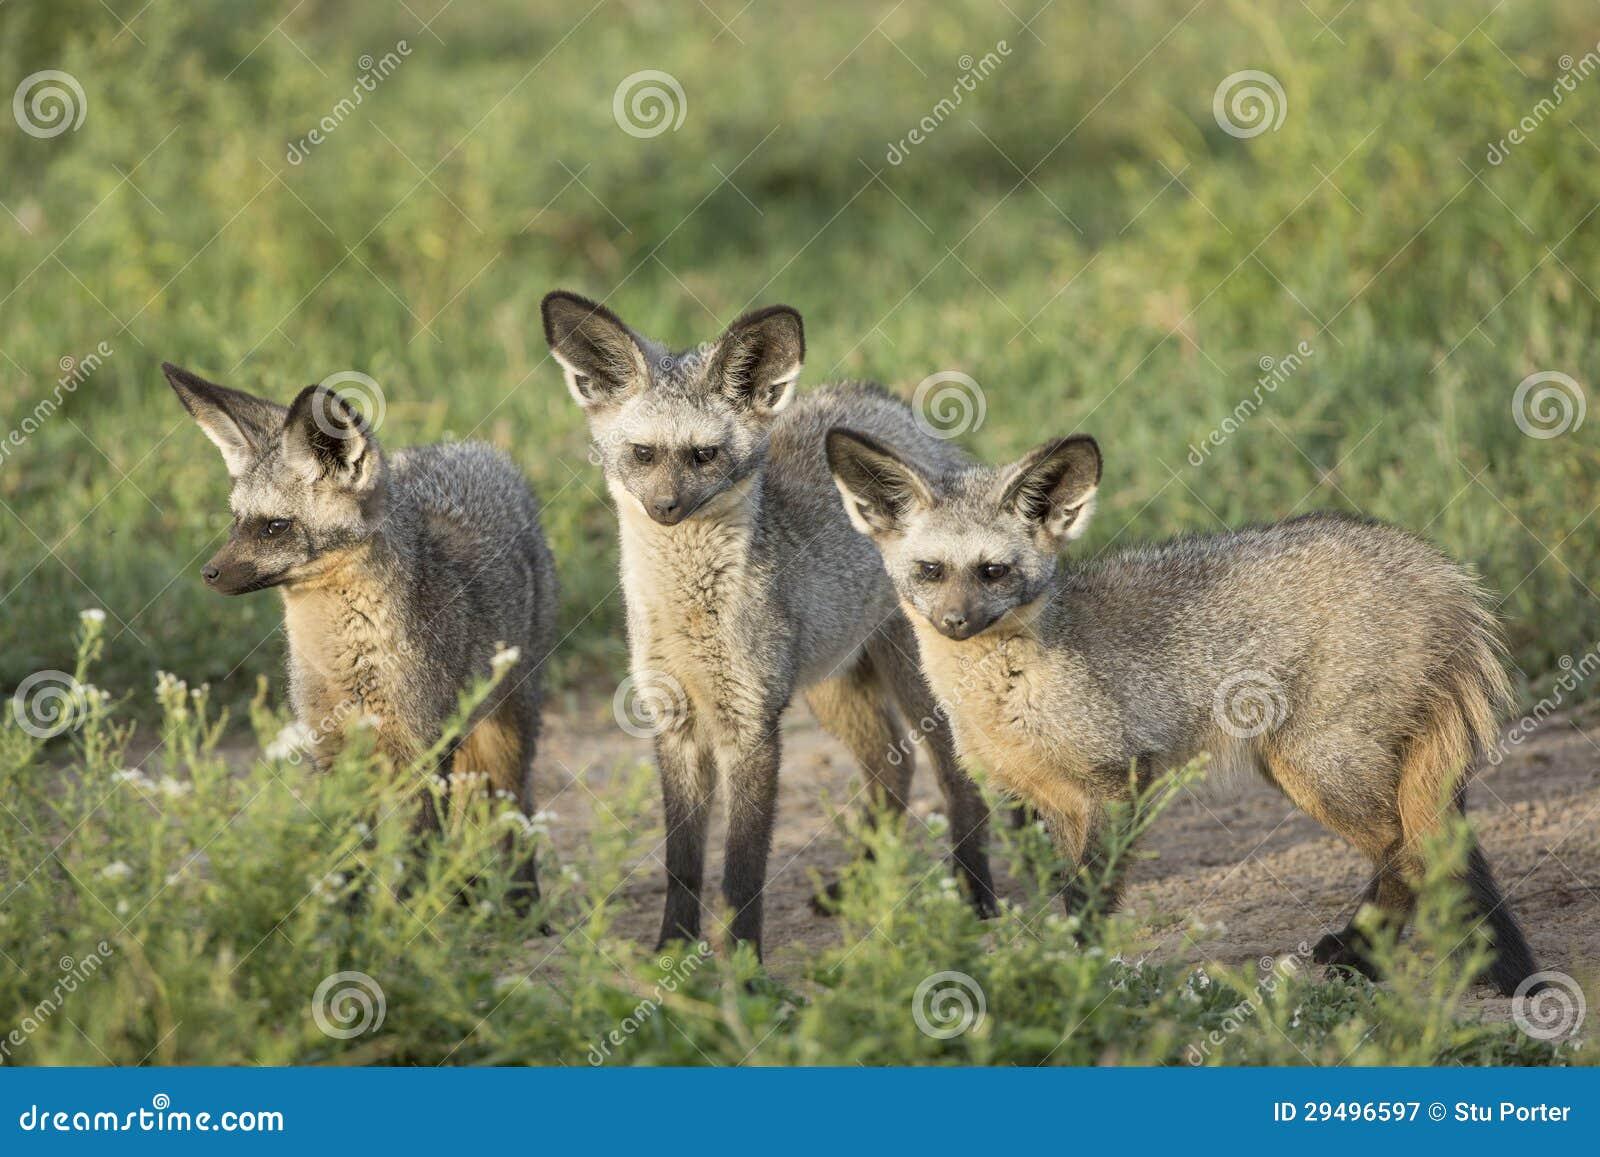 Slagträ-gå i ax rävar (Otocyon megalotis) Tanzania